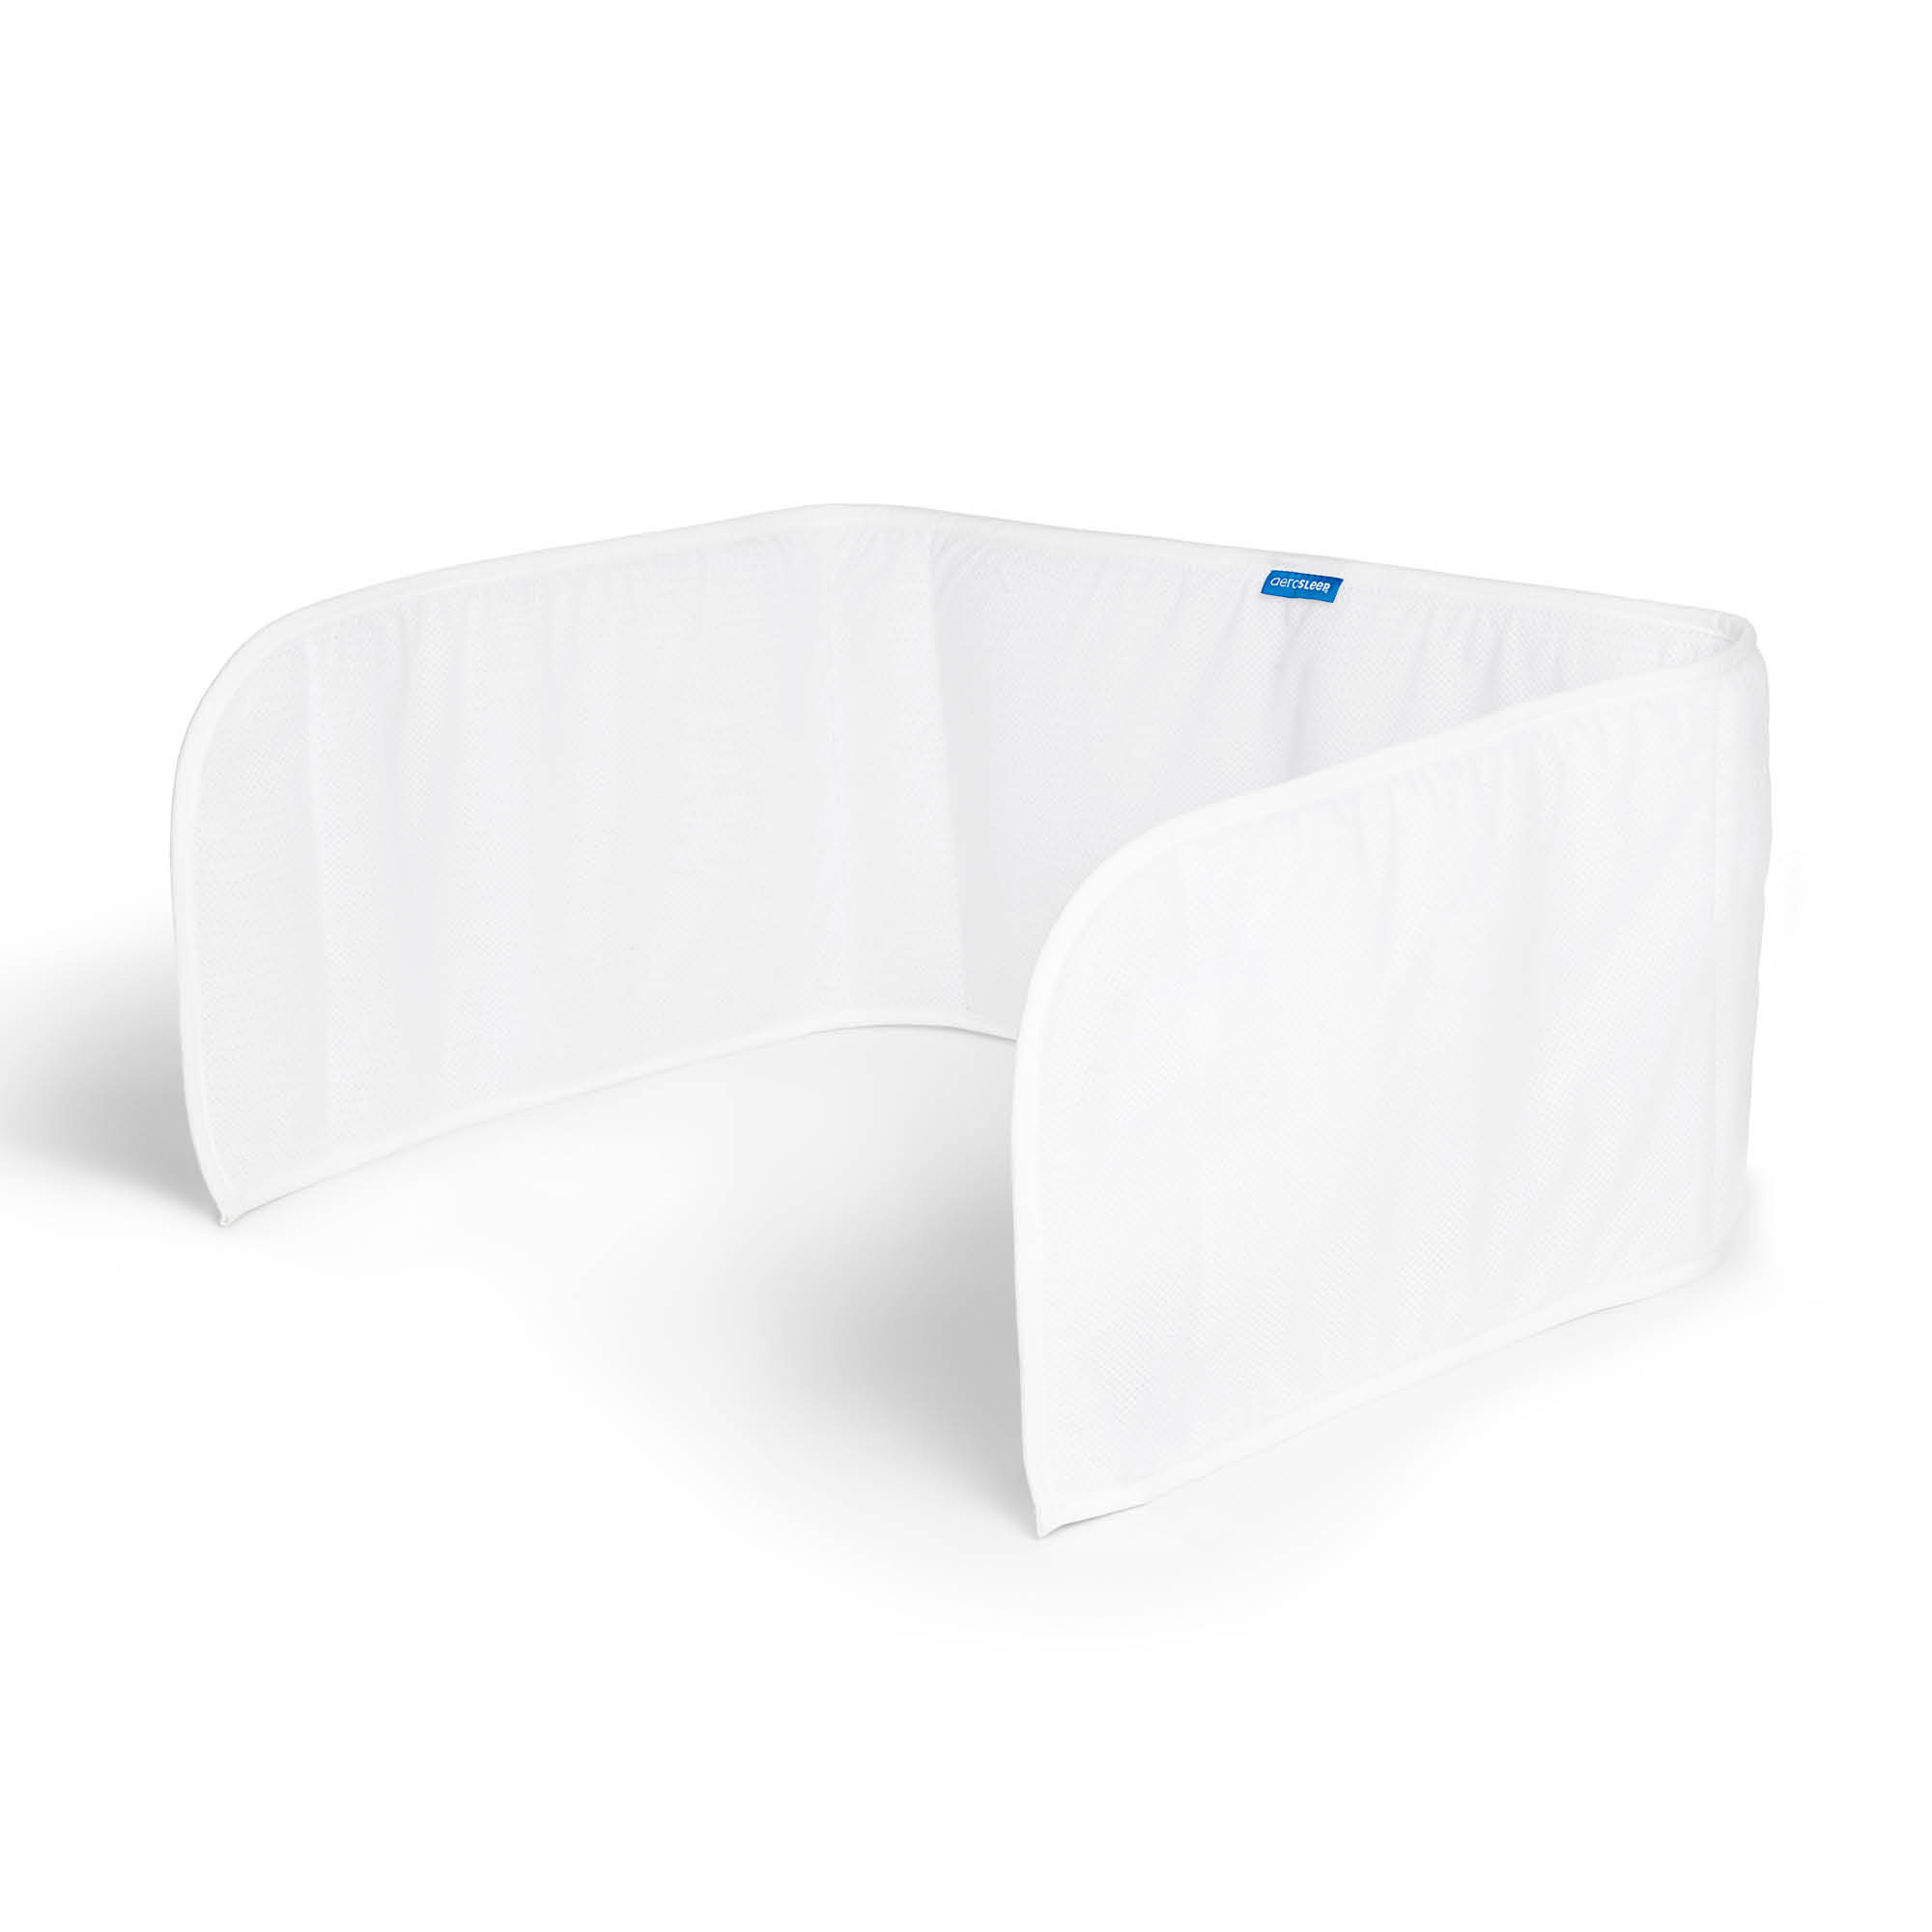 Bedomranding Aerosleep-1